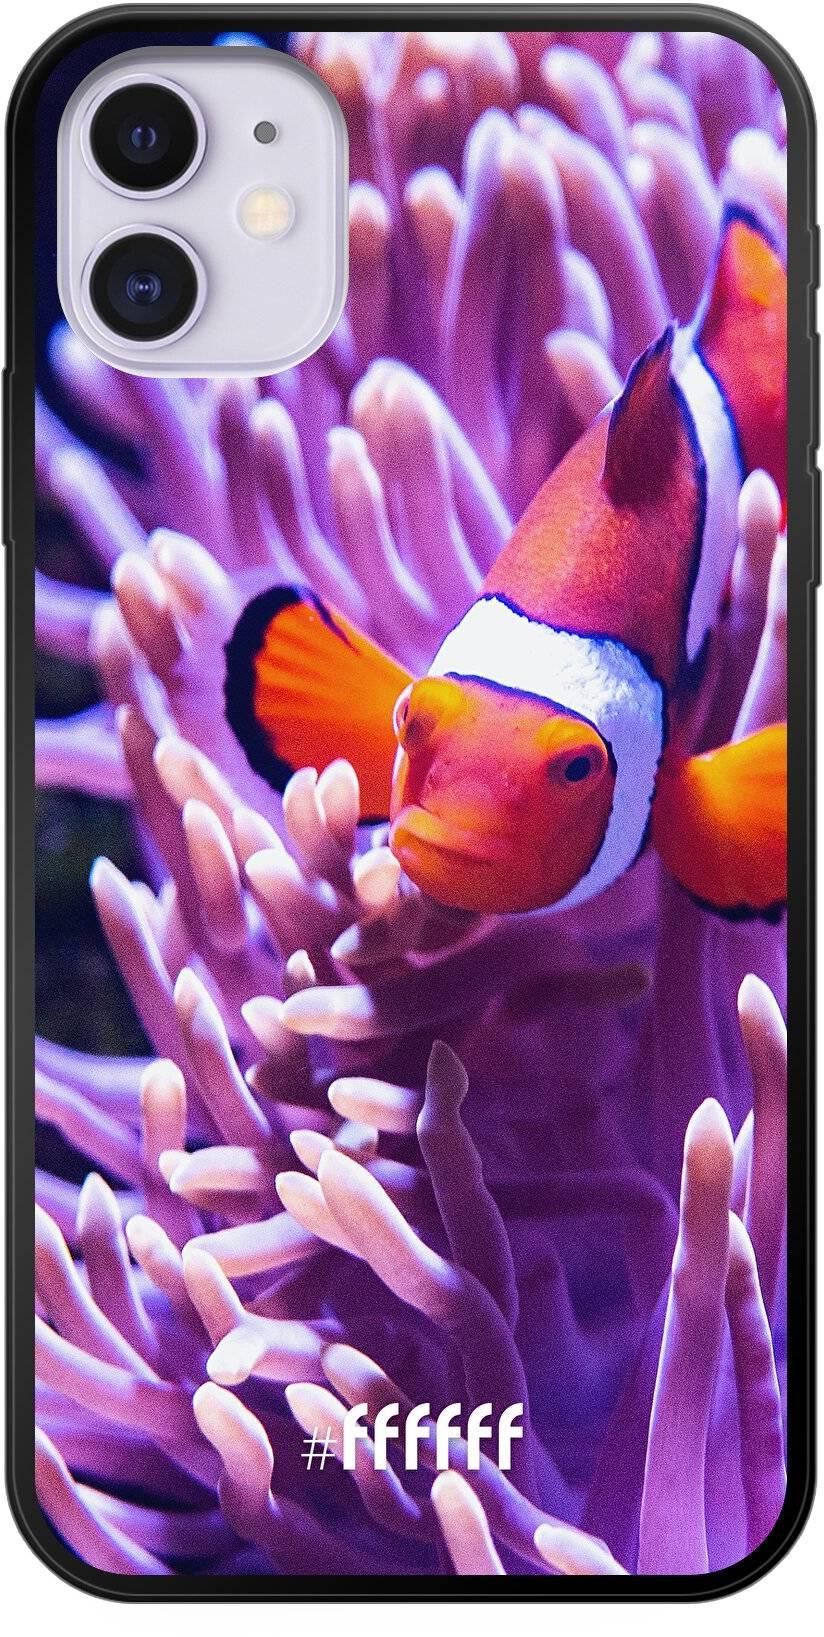 Nemo iPhone 11